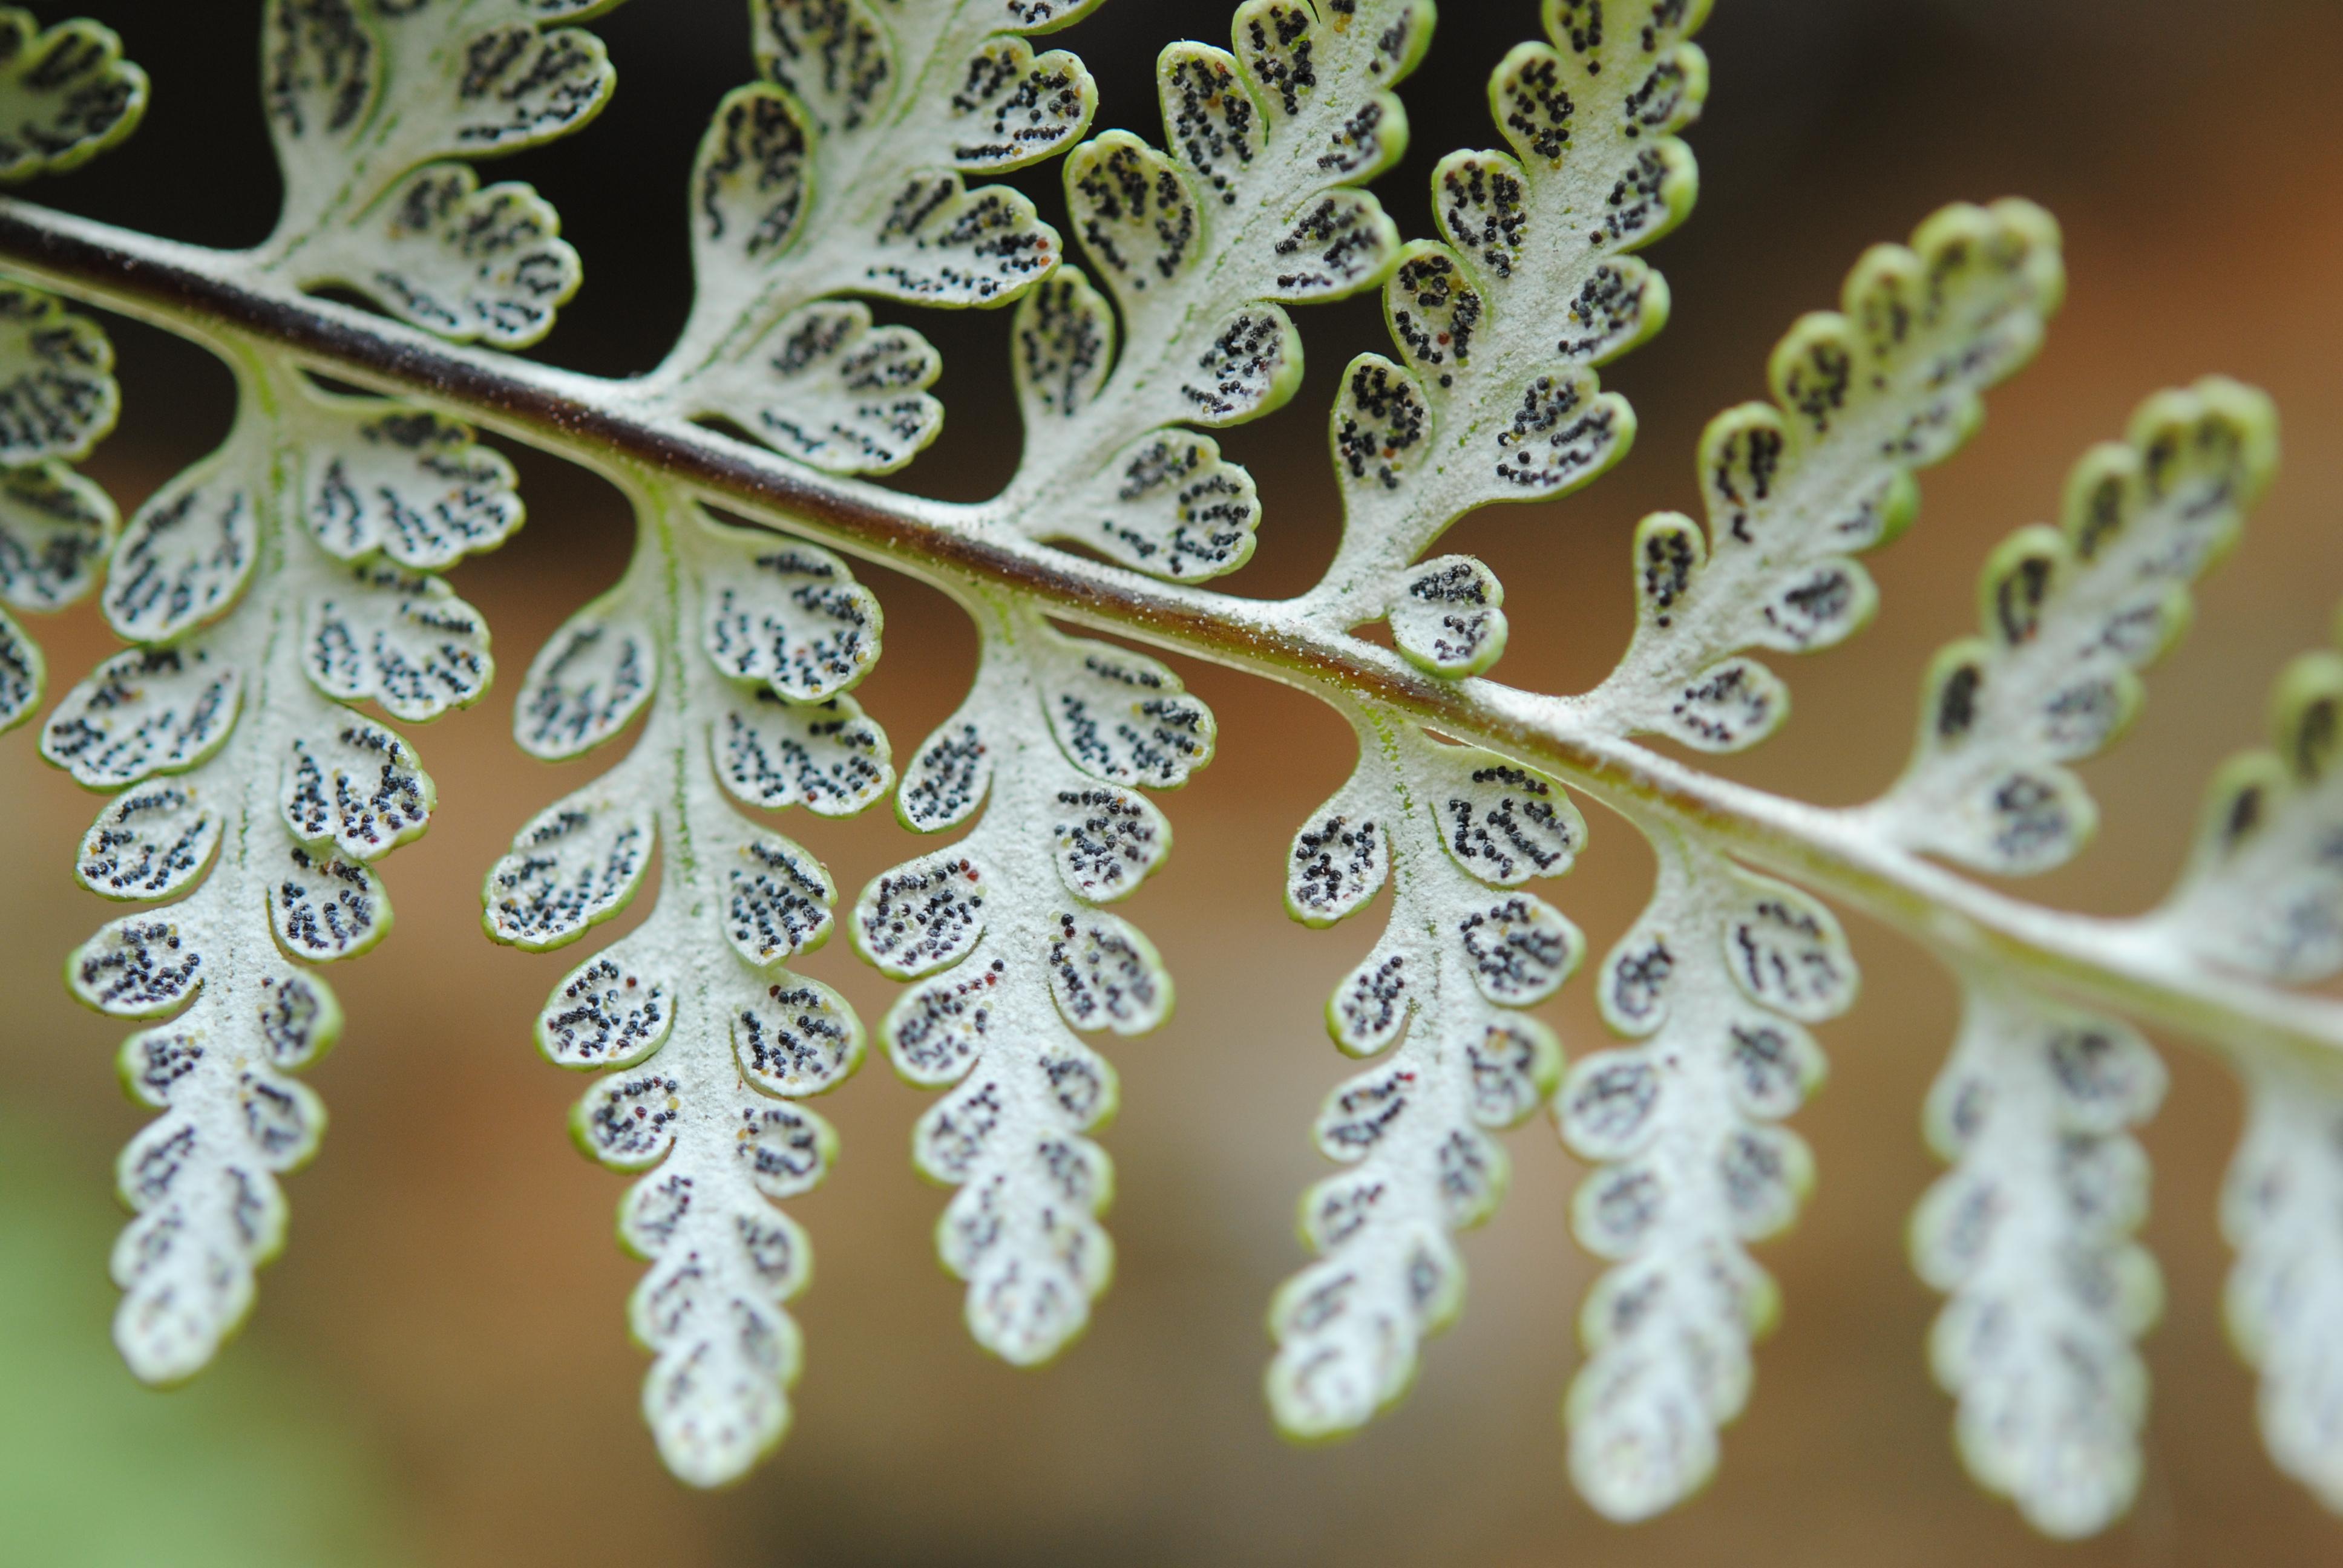 Pitryogramma chrysophylla var. gabrielae